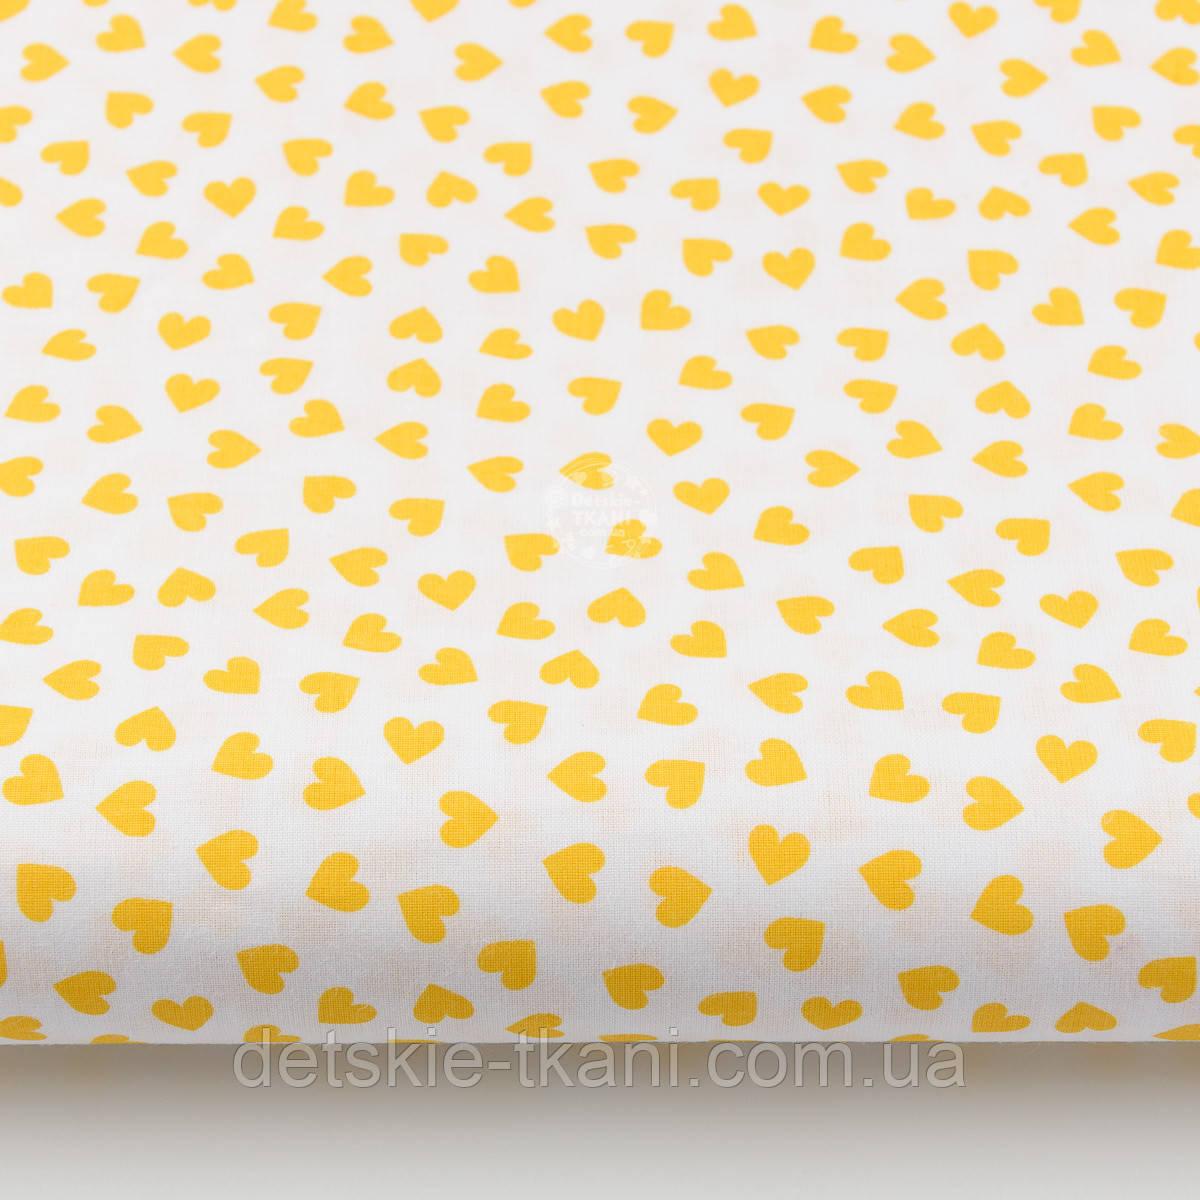 Ткань с желтыми мини сердечками на белом фоне (№ 834)